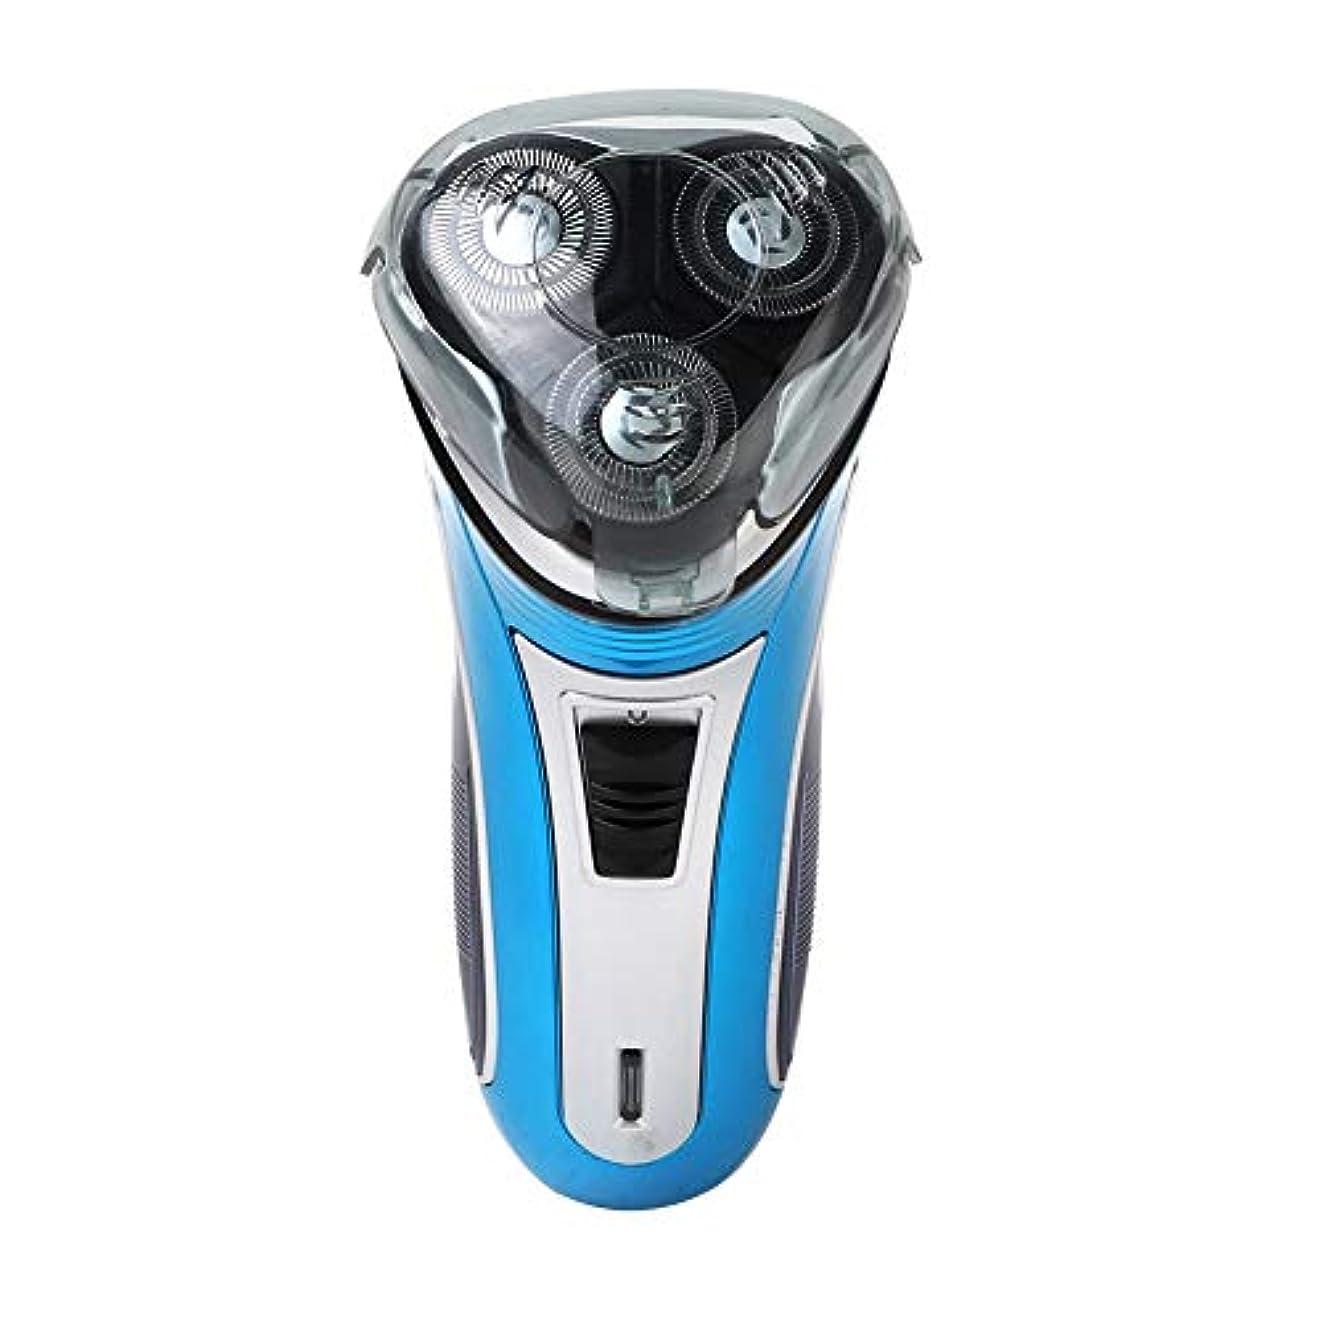 会議不格好胚電気かみそりのかみそり、男性のための2つのひげのトリマーのコードレス電気かみそりの男性のための回転式かみそりの急速充電式かみそり